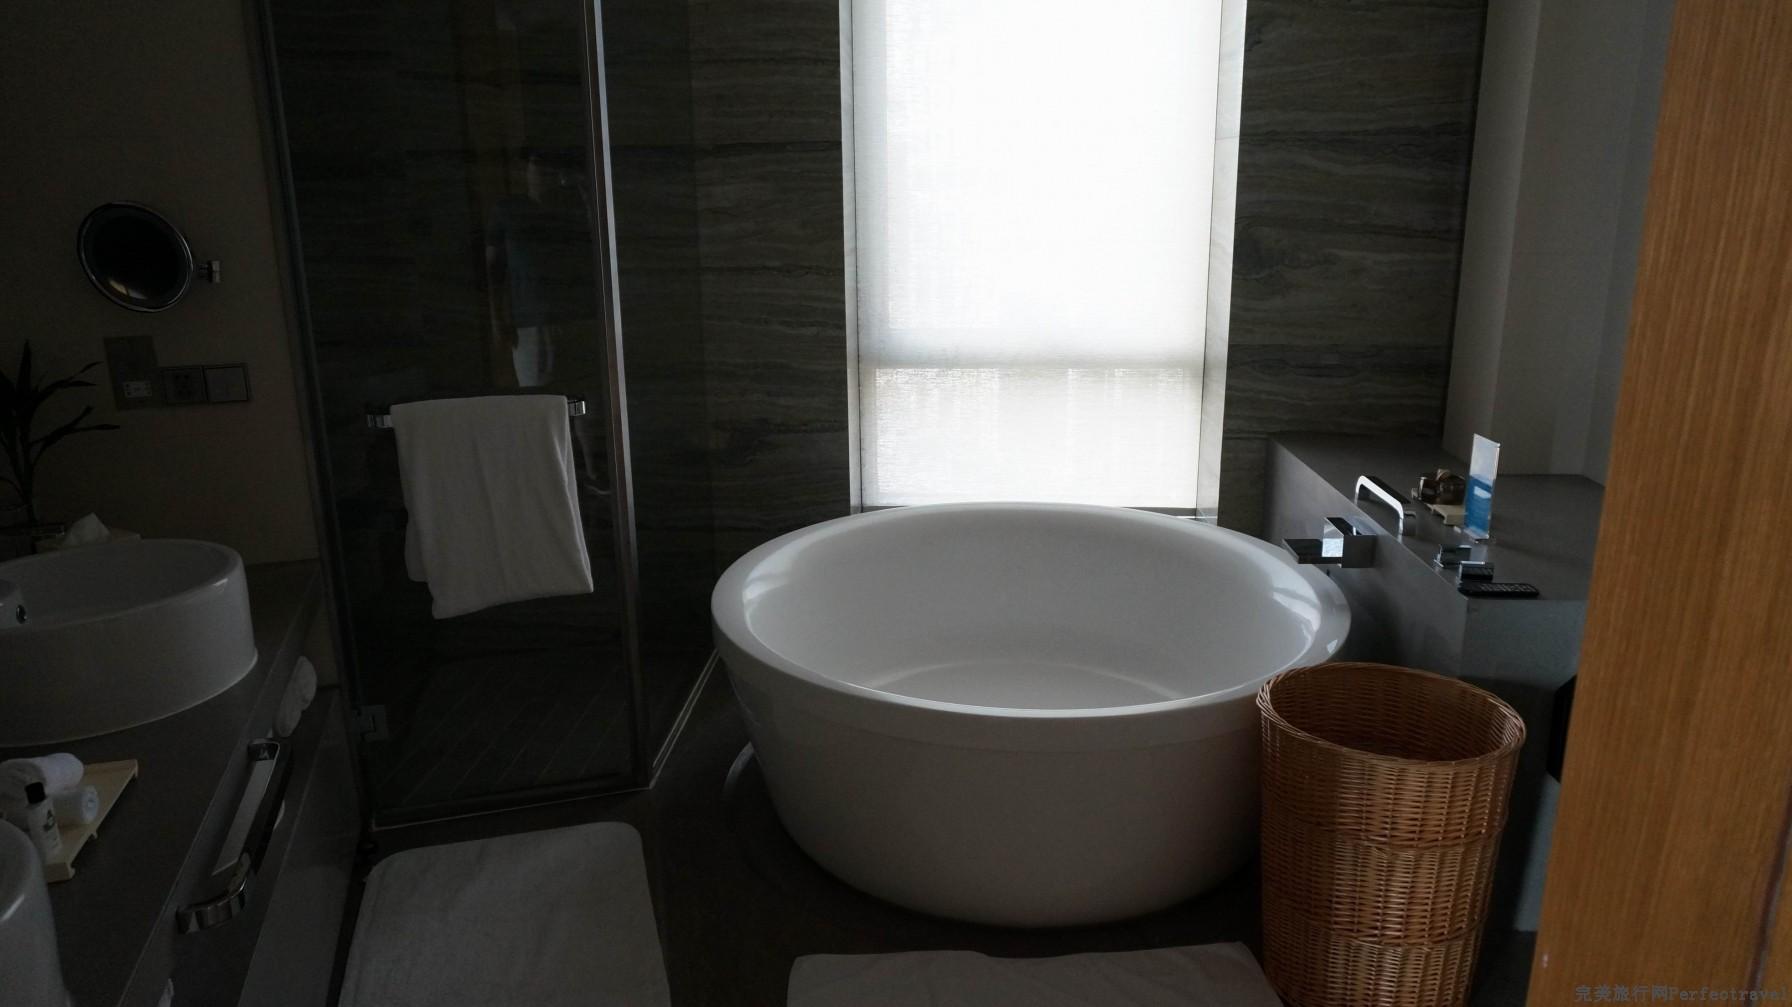 中秋宅酒店之苏州洲际全景湖景房 - 完美旅行Perfectravel - 完美旅行Perfectravel的博客